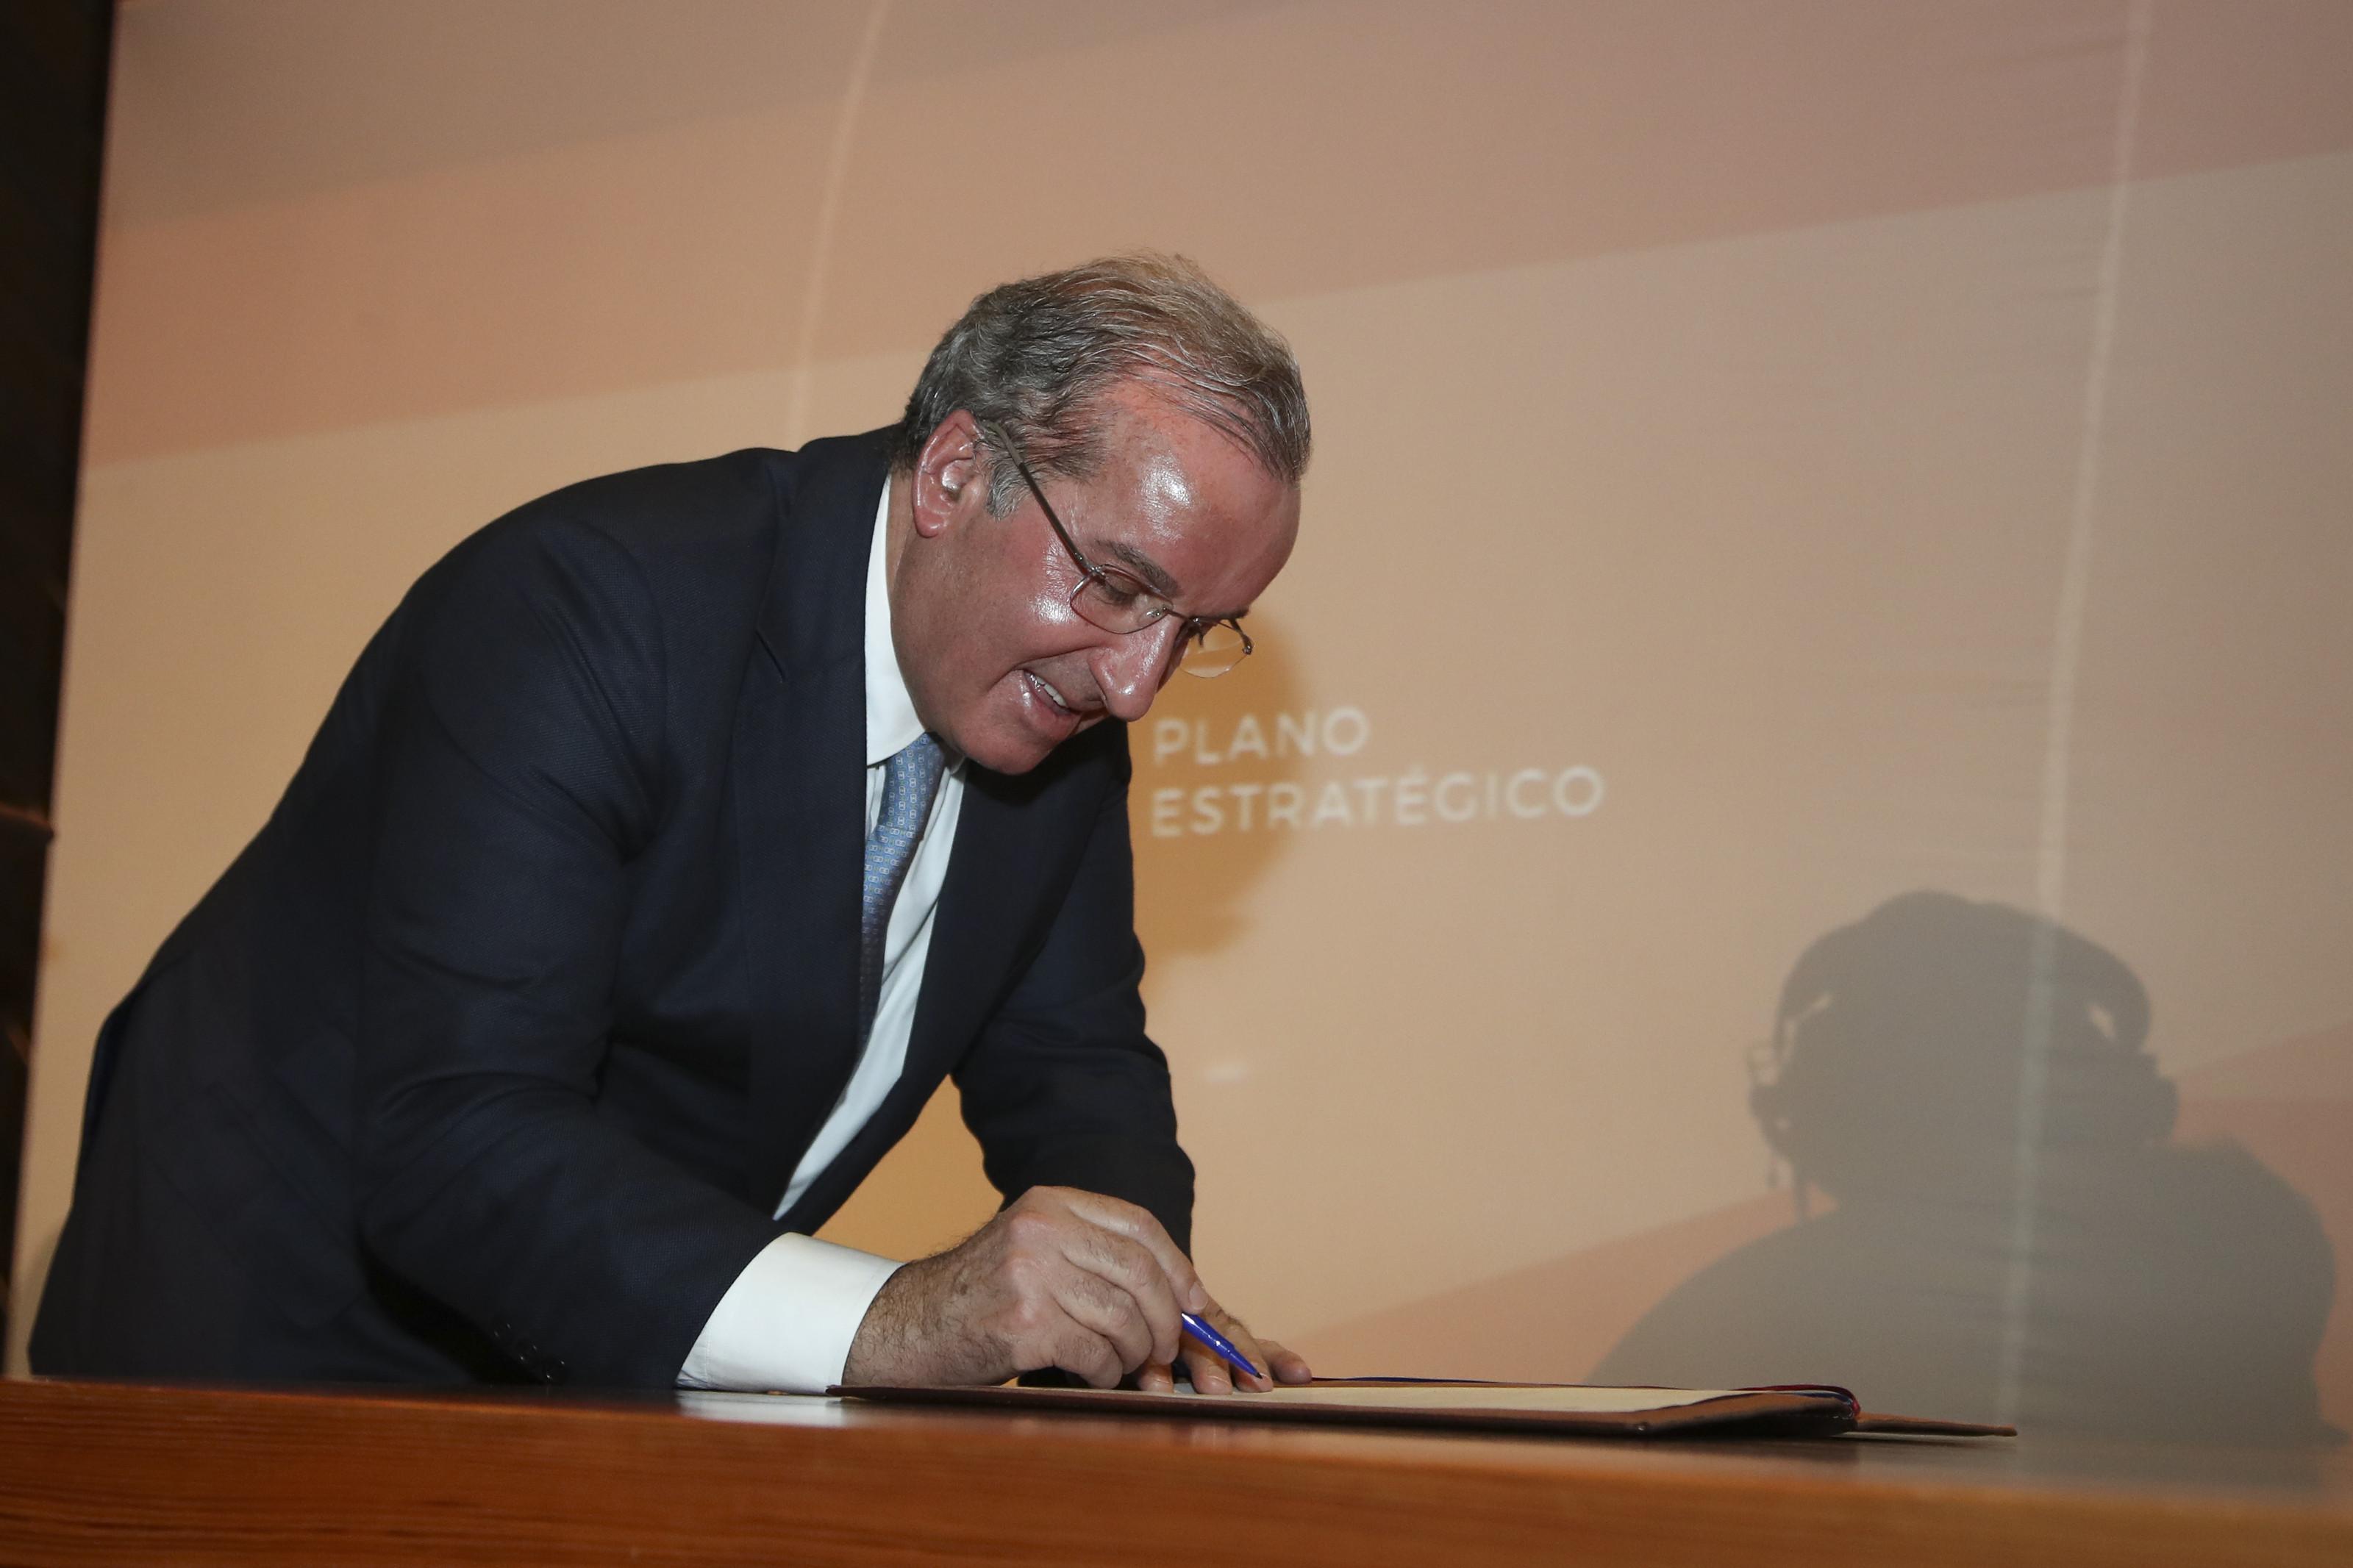 Tribunal decreta perda de mandato de presidente da Câmara da Maia